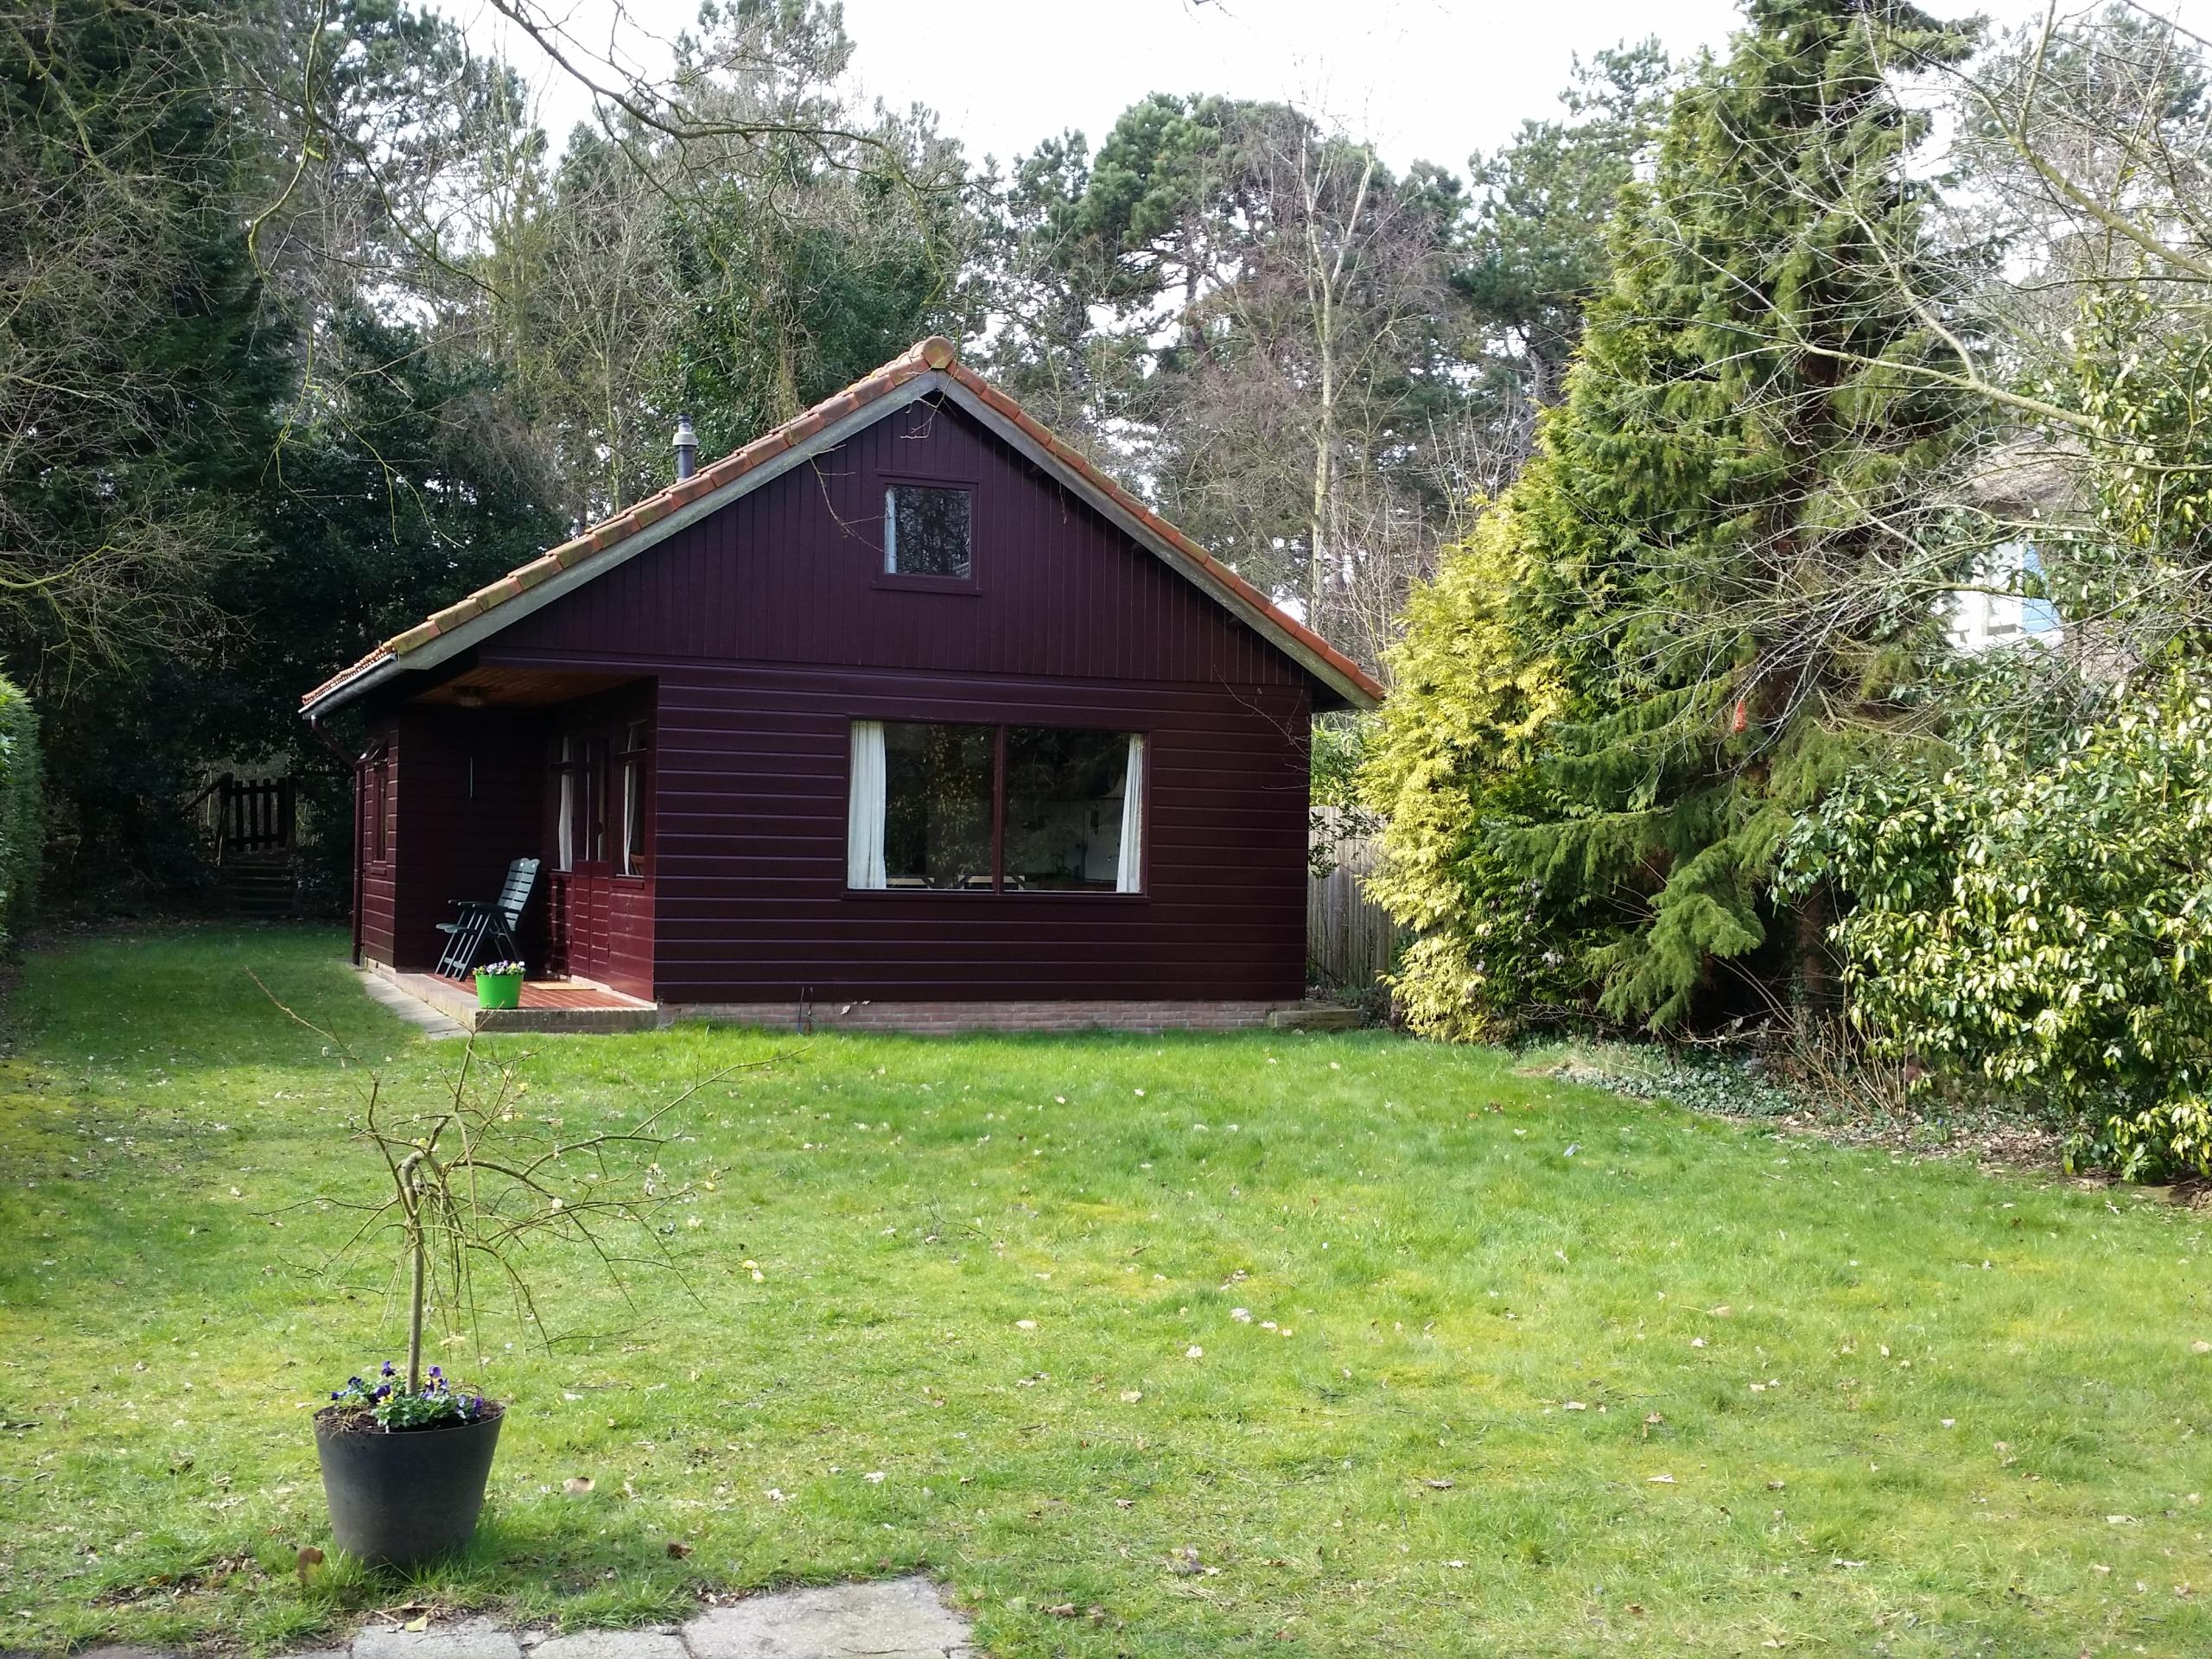 Knus vakantiehuis met heerlijke grote tuin nabij het bos en het gezellige dorp De Koog